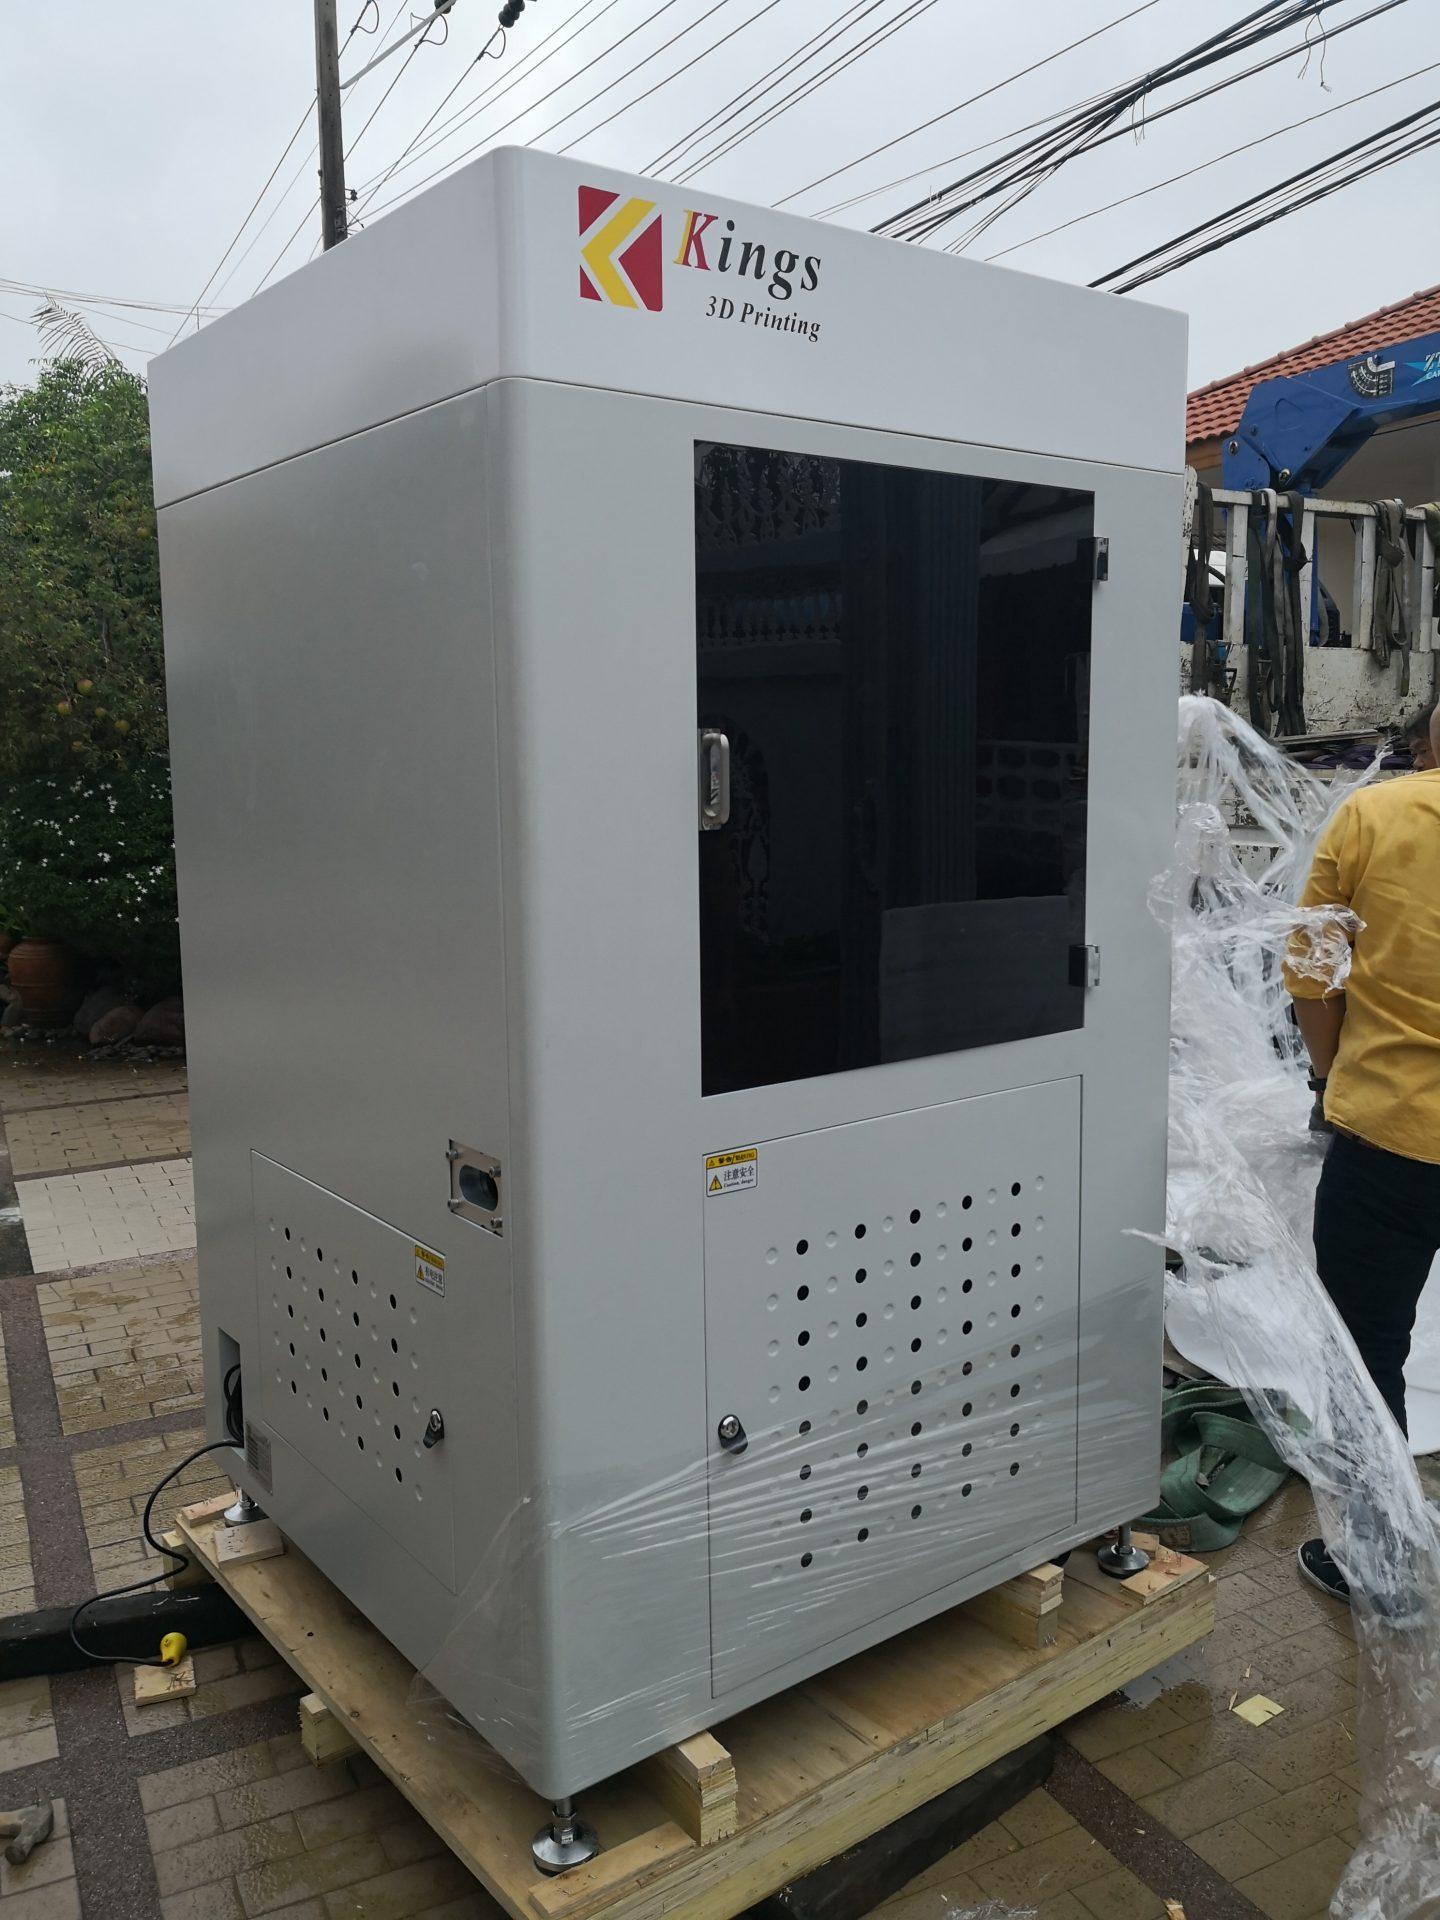 ติดตั้งเครื่อง Kings 600Pro Industrial SLA Printer